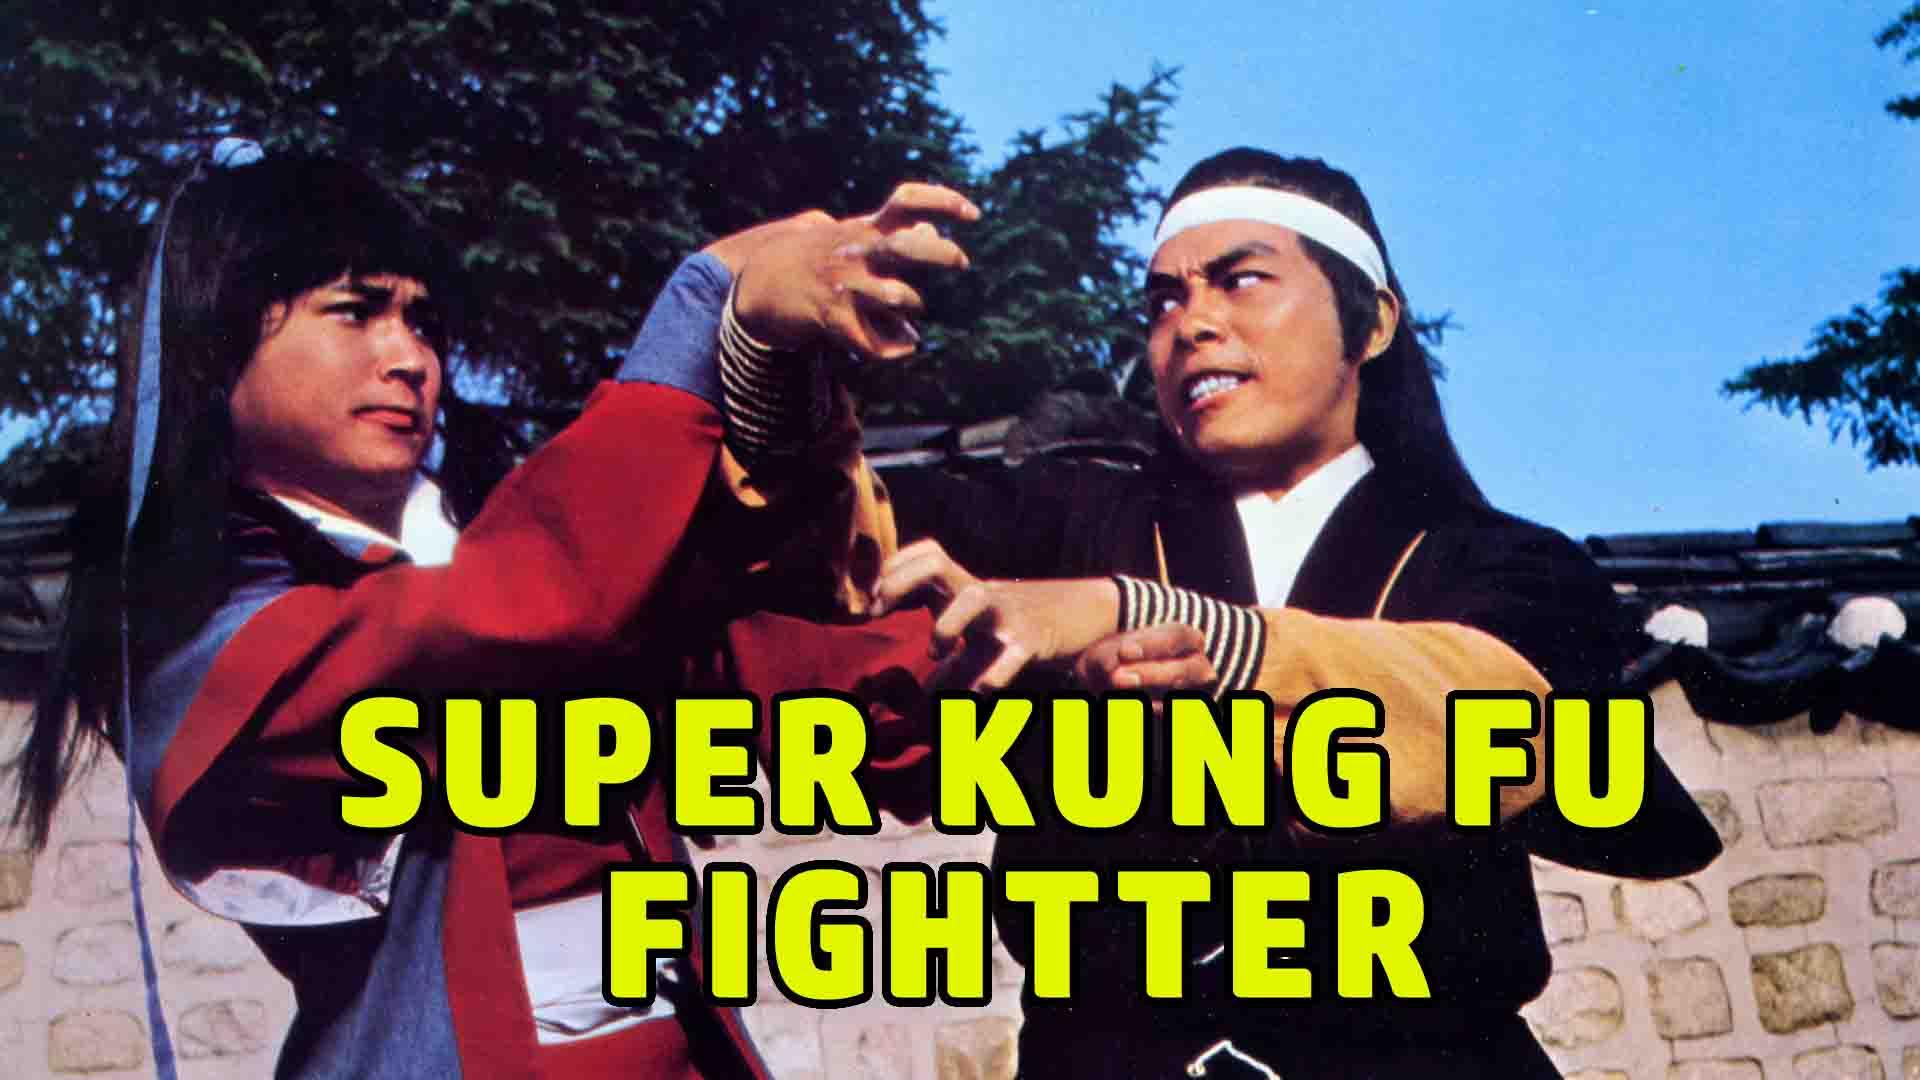 Super Kung Fu Fighter